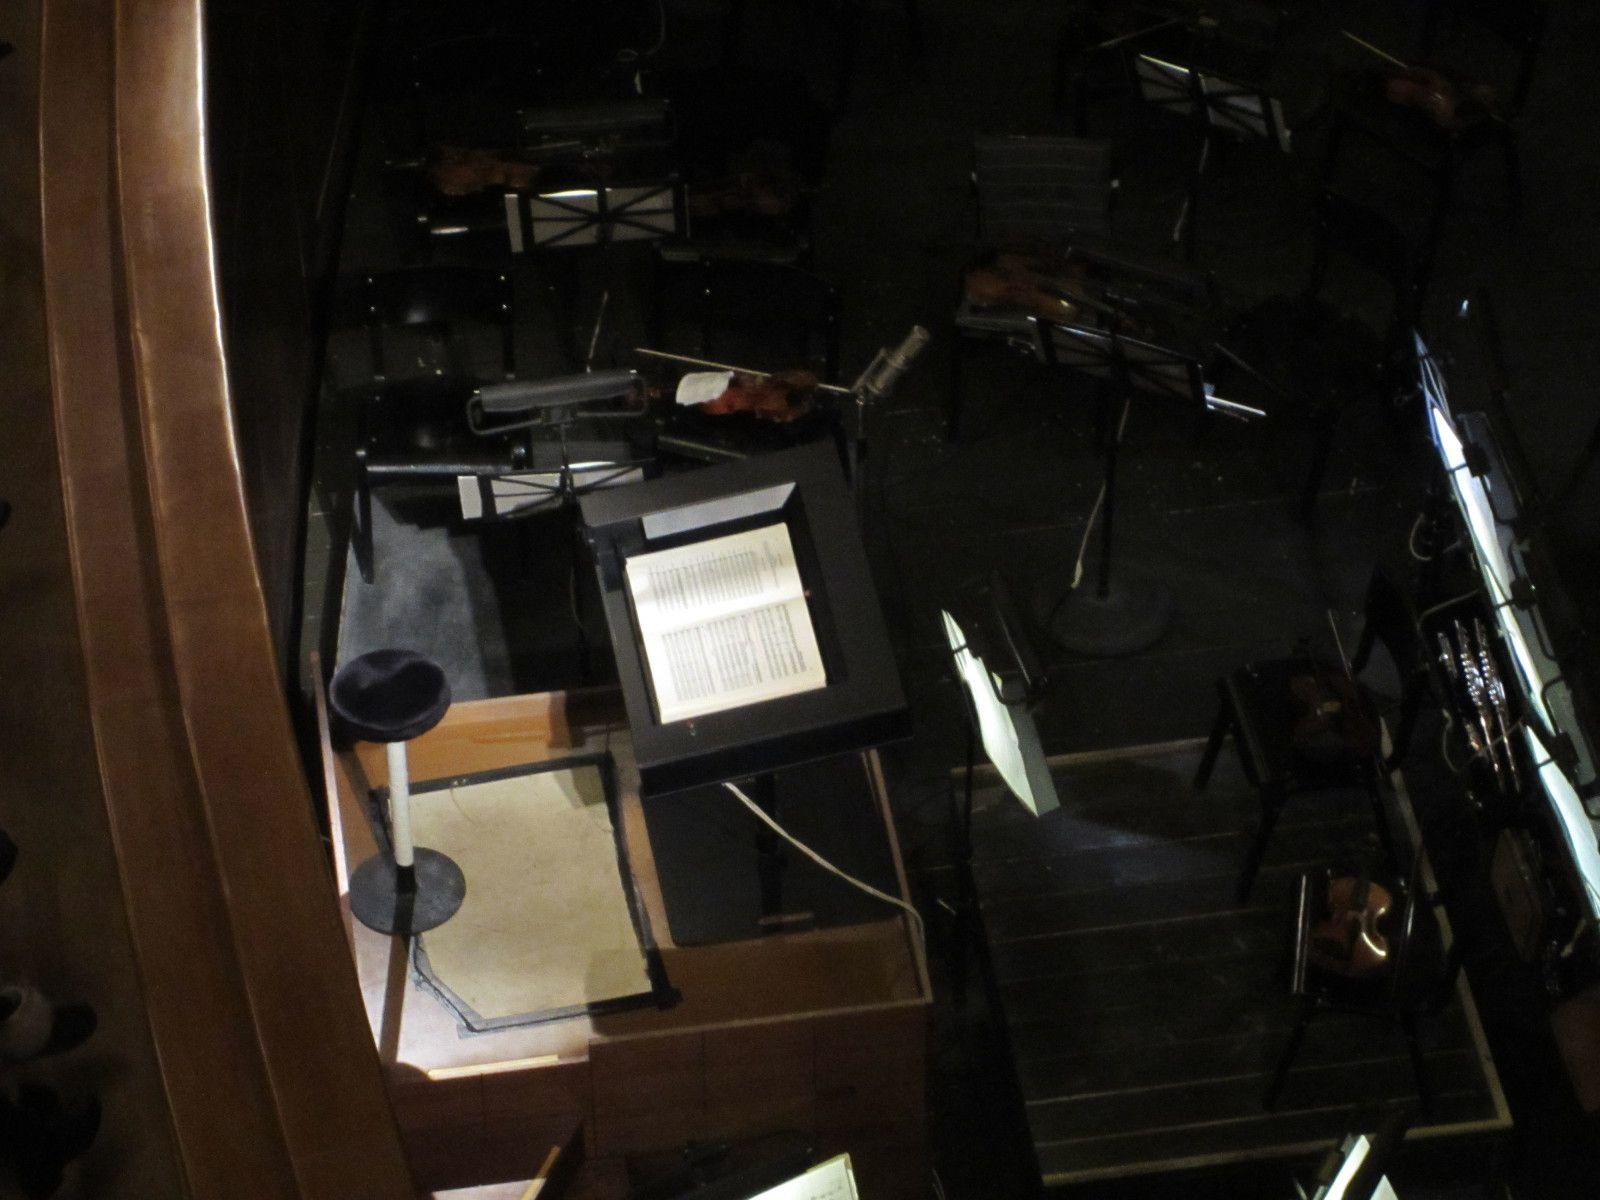 La Traviata à l'Opéra de Bucarest Dessins et photos: EmMa (M. et Em. presse)